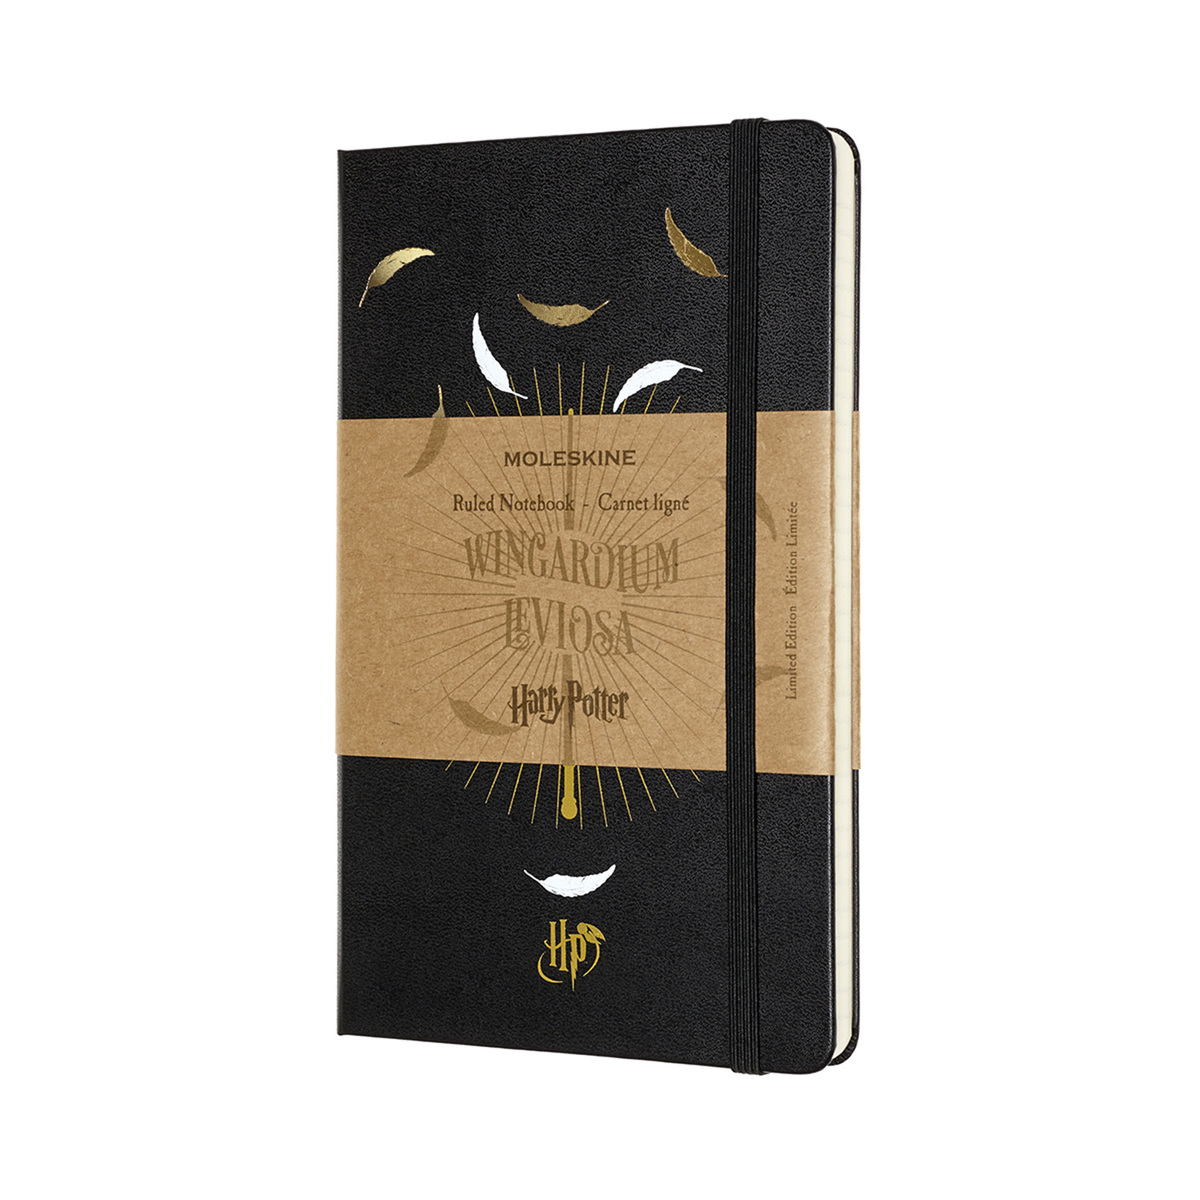 《哈利·波特》限量版Wingardium Levisosa 筆記本 - L 型橫線本